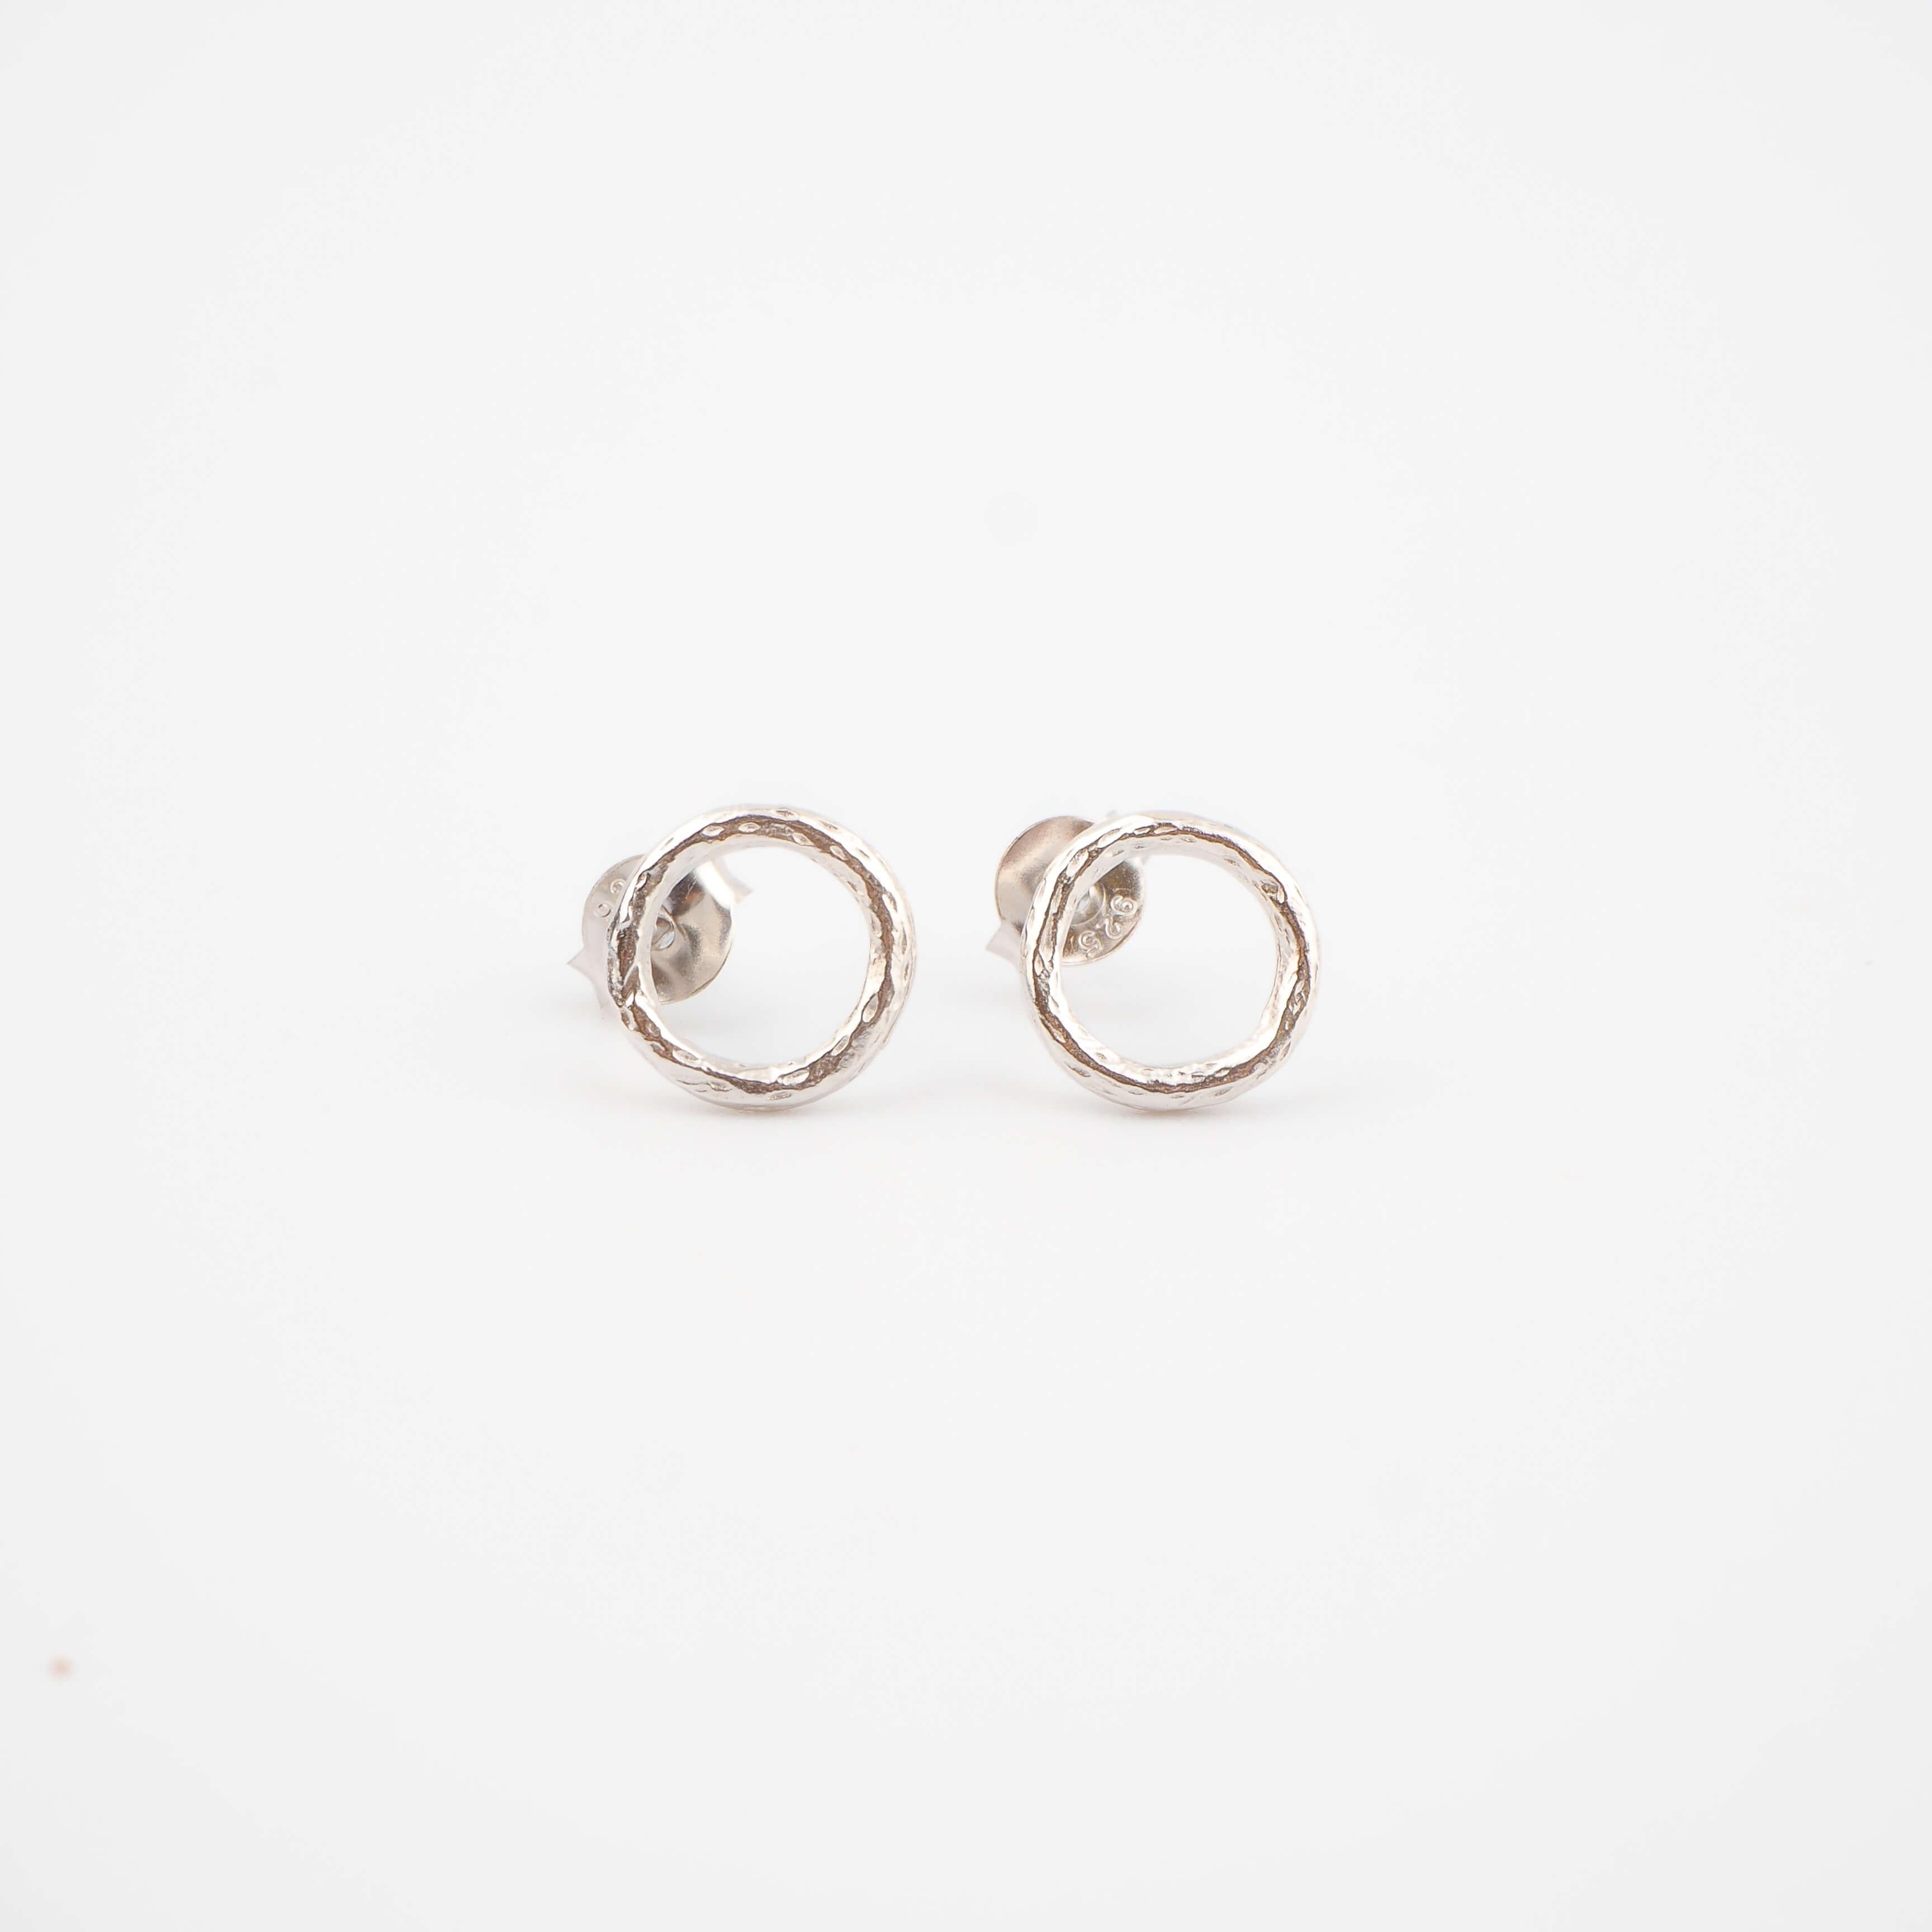 Boucles d'oreilles cercles argent - Pomme Cannelle